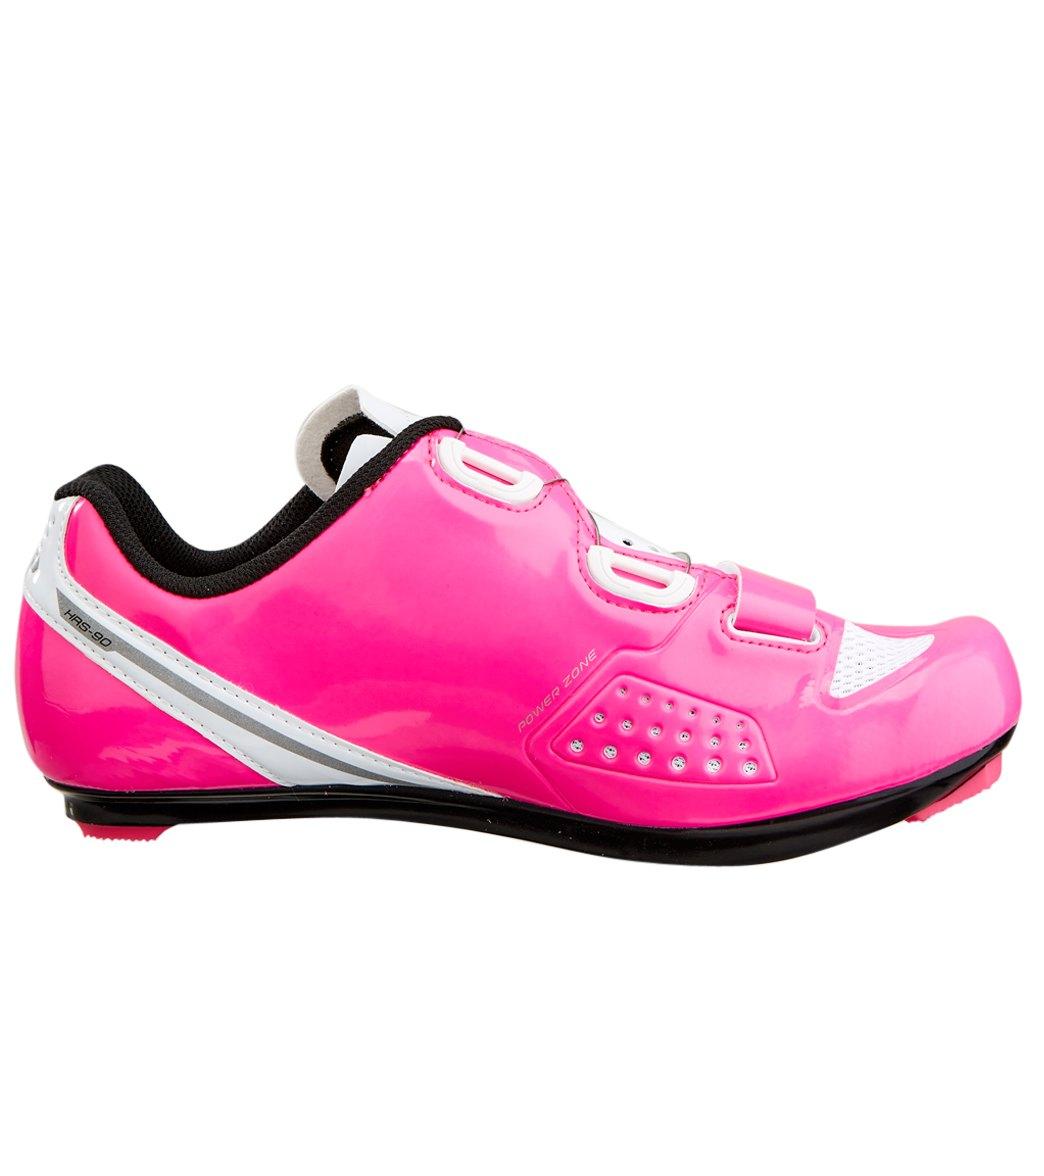 Louis Garneau Women s Ruby II Cycling Shoes at SwimOutlet.com - Free ... 2b835c3681